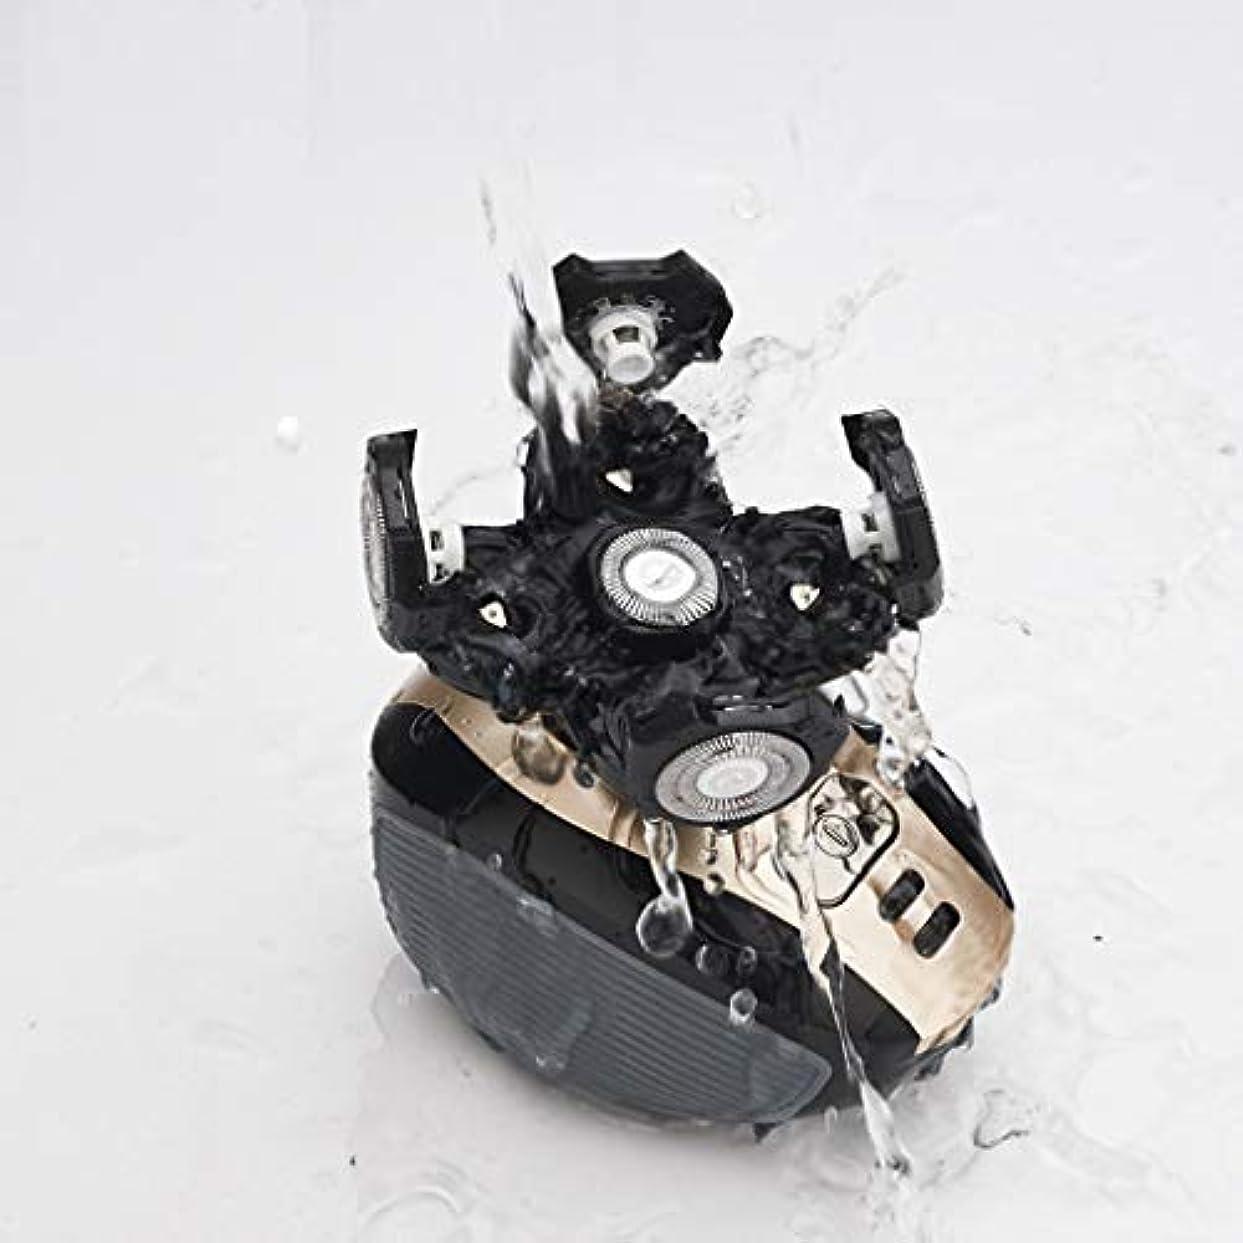 師匠半導体チャレンジスモールメンズカミソリ、コードレス充電式ウェット&ドライ多目的ひげトリマー、ギフト